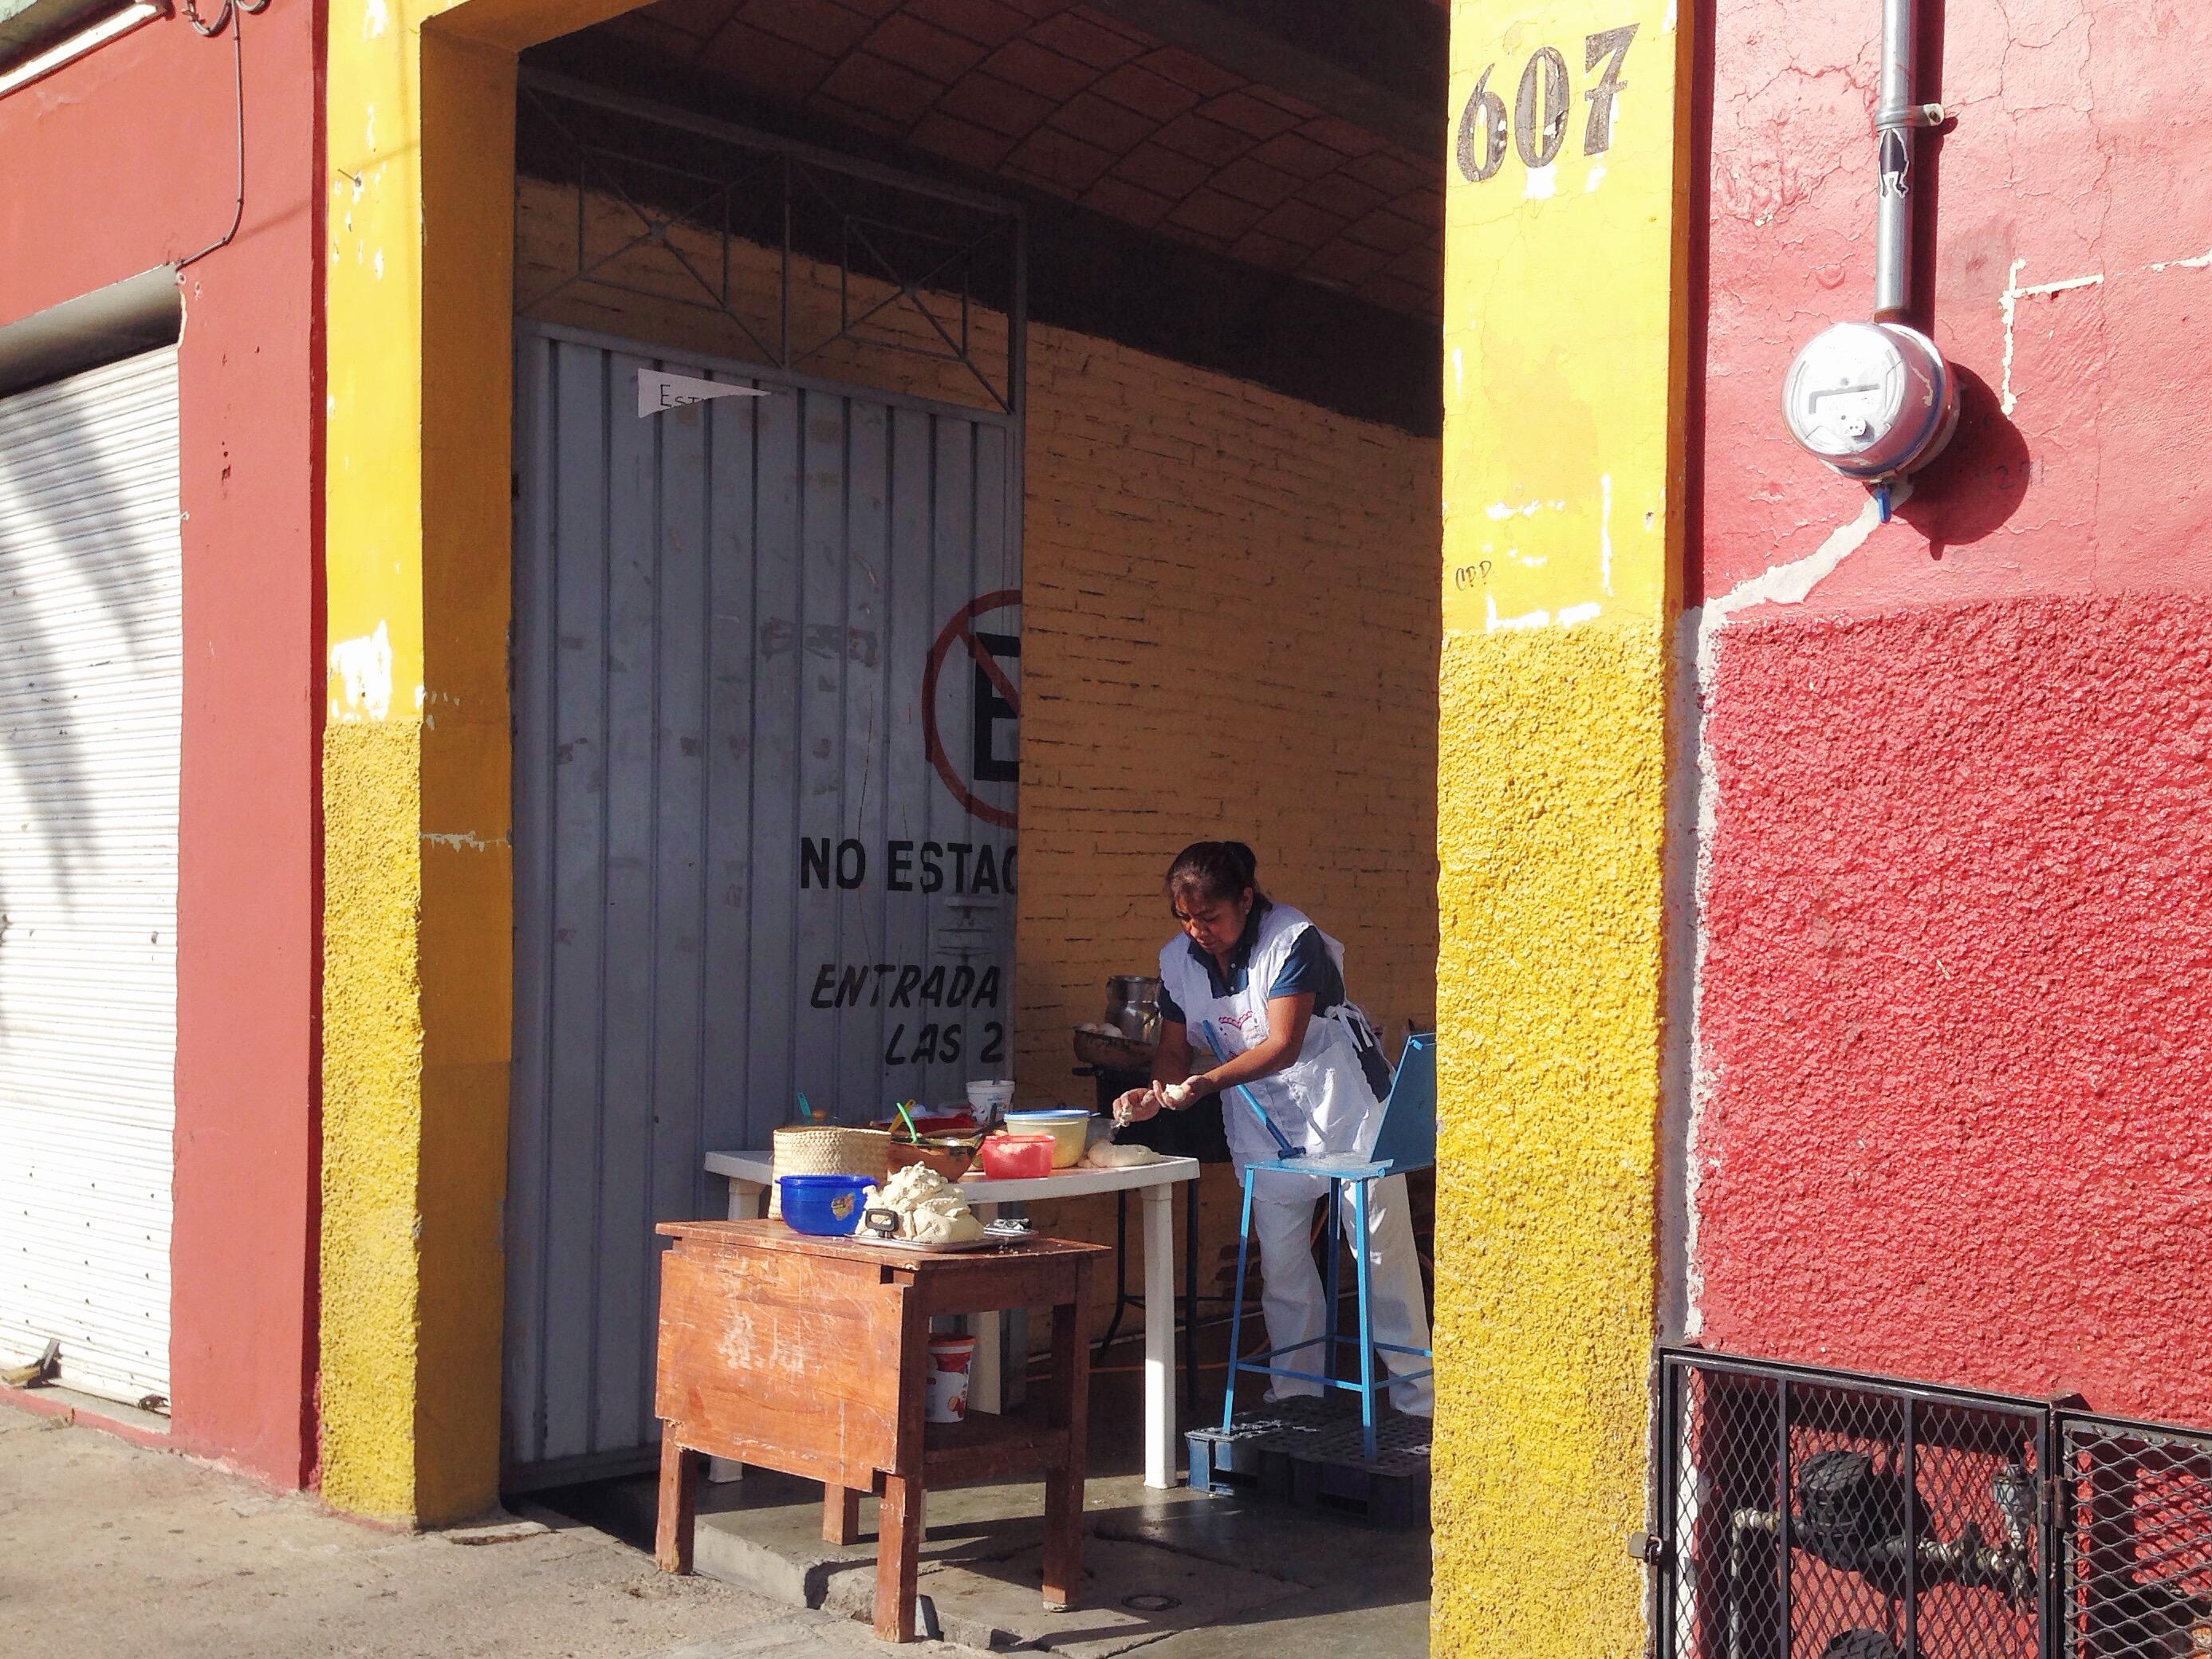 La mattina presto a Oaxaca